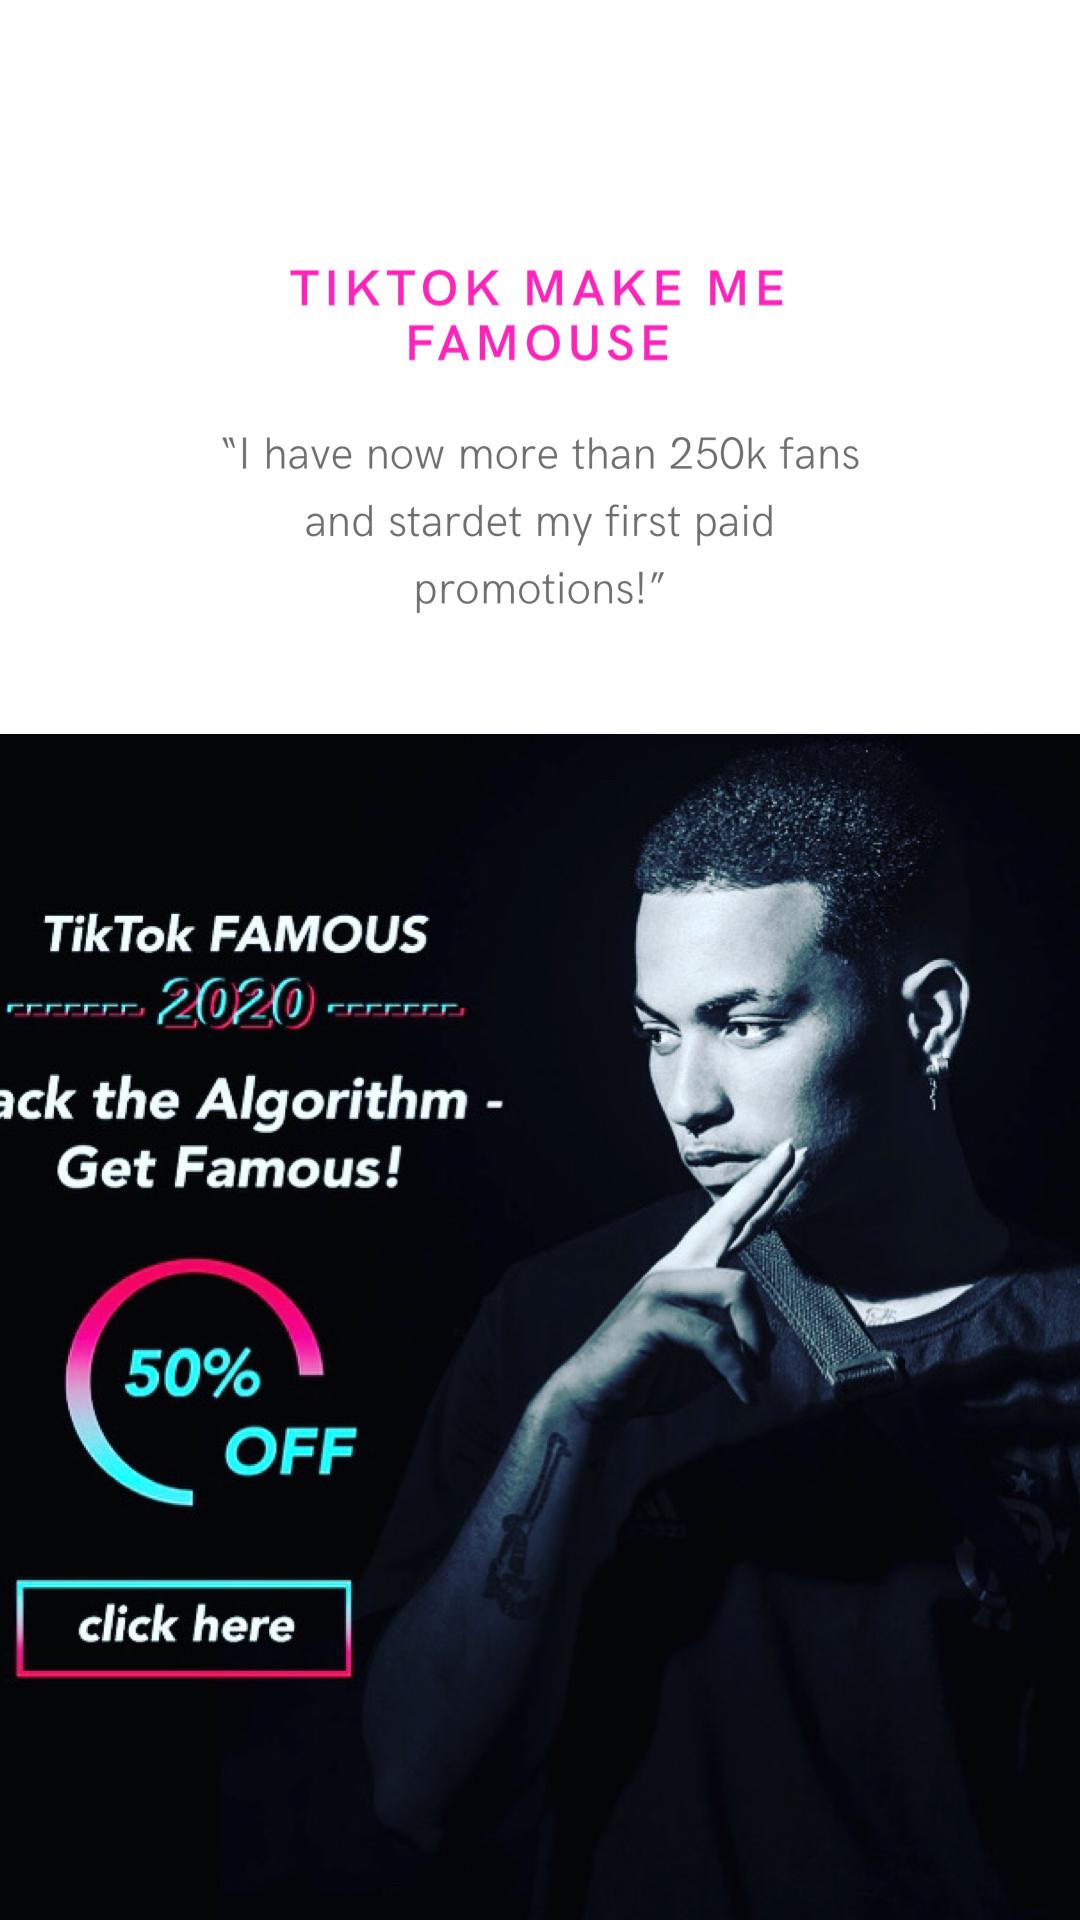 Tiktok Do You Know How To Use It Class Tools Social Media Platforms Algorithm